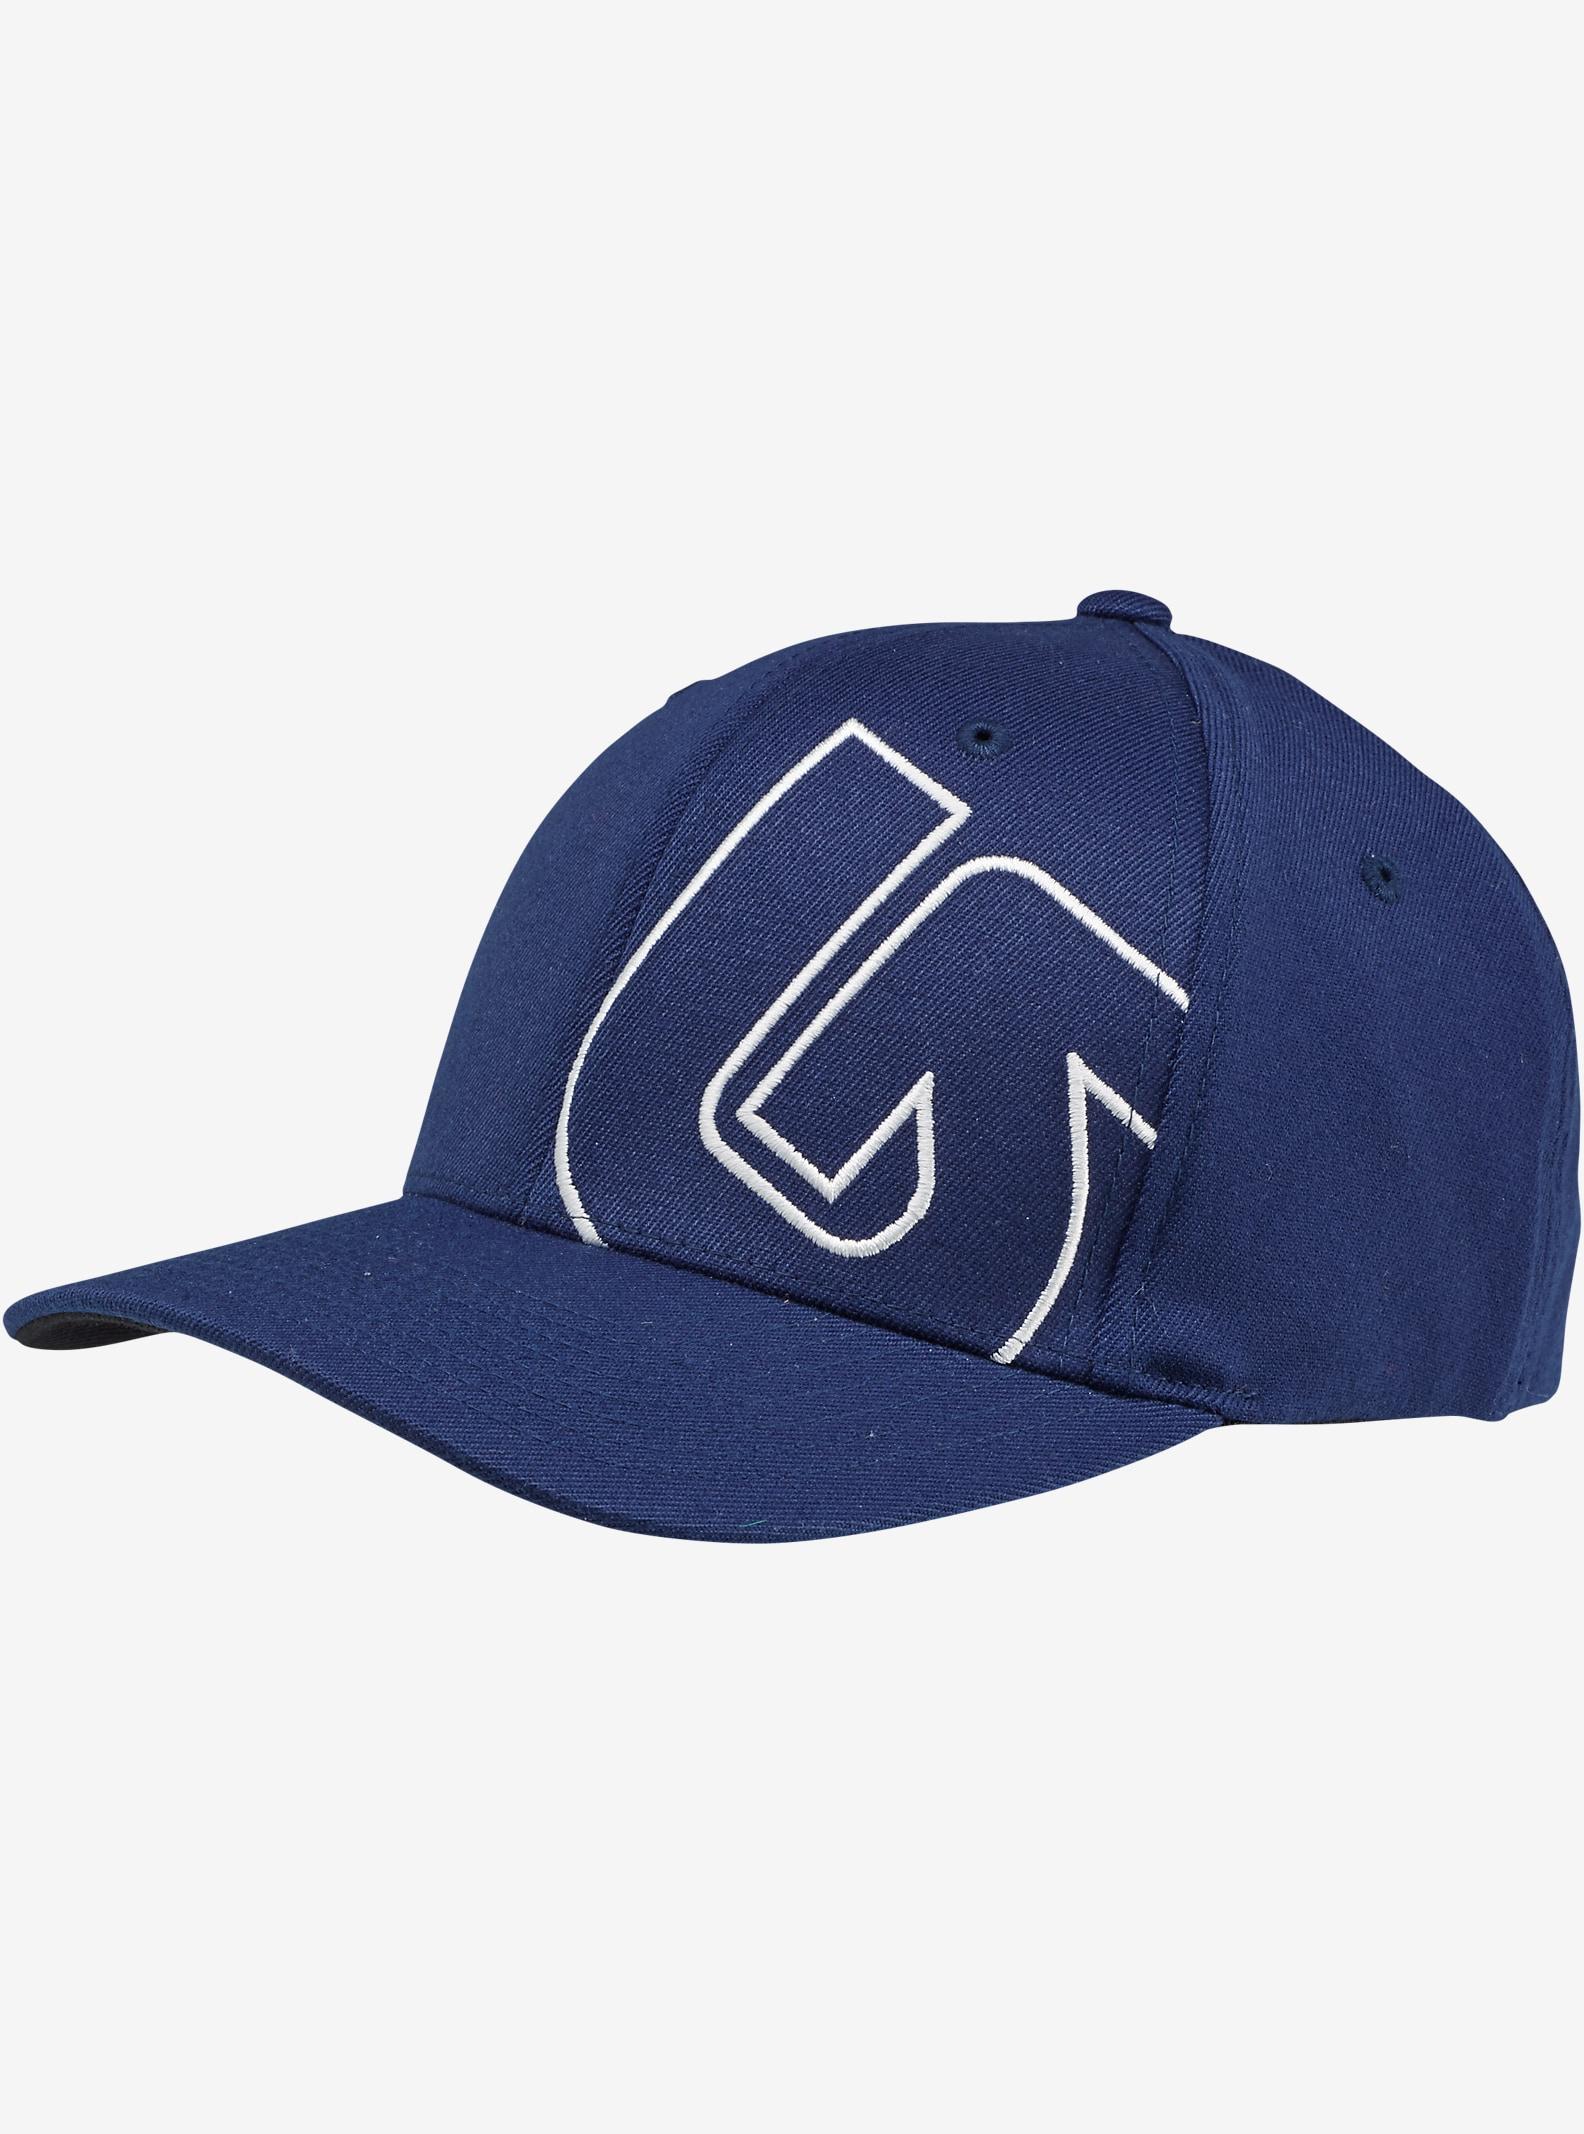 Burton Slidestyle Flex Fit Hat shown in Eclipse